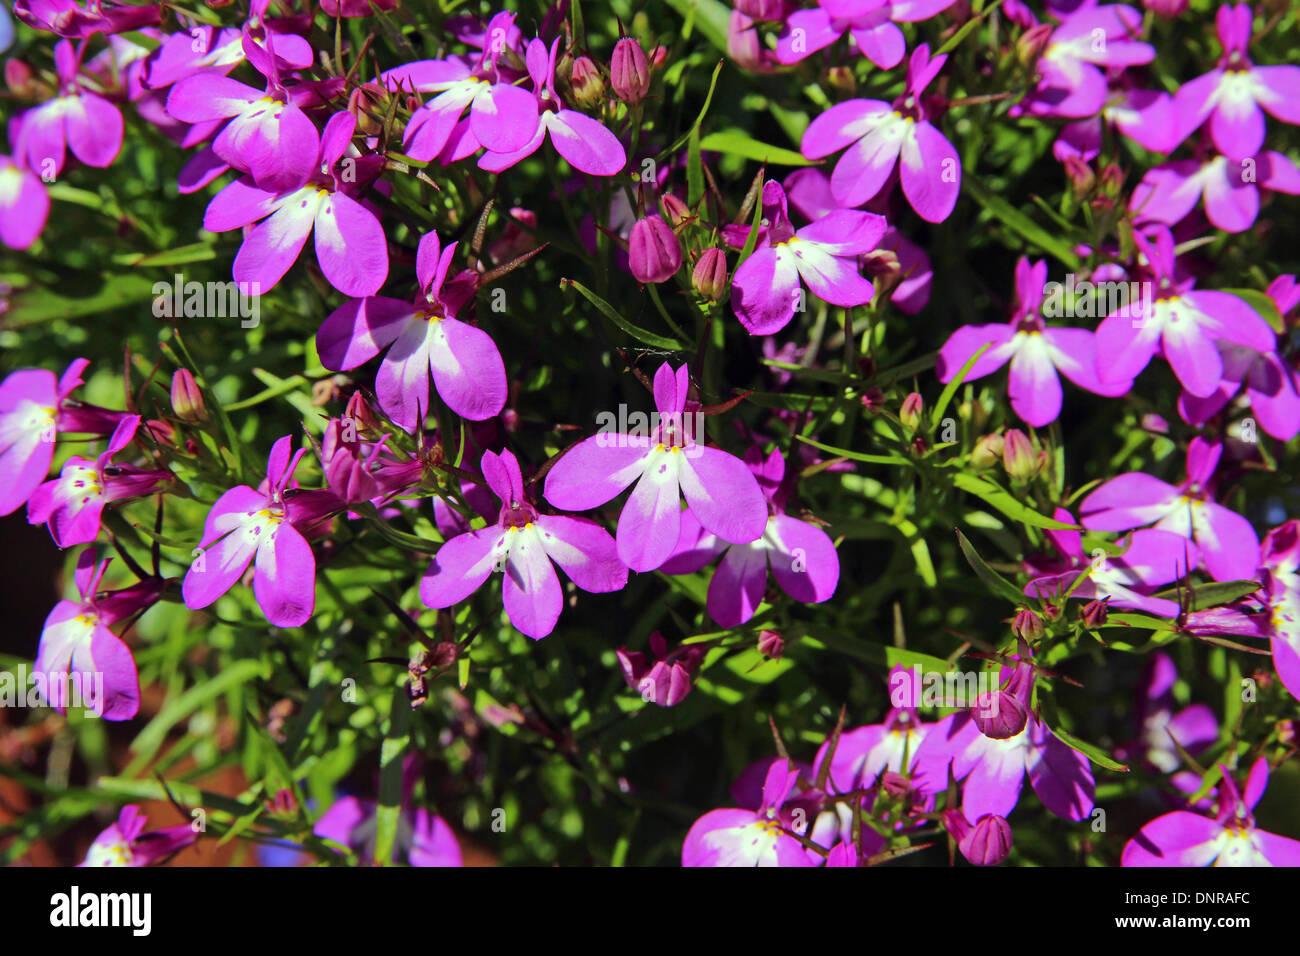 Lobelia Erinus Dans Lété En Fleur Banque Dimages Photo Stock